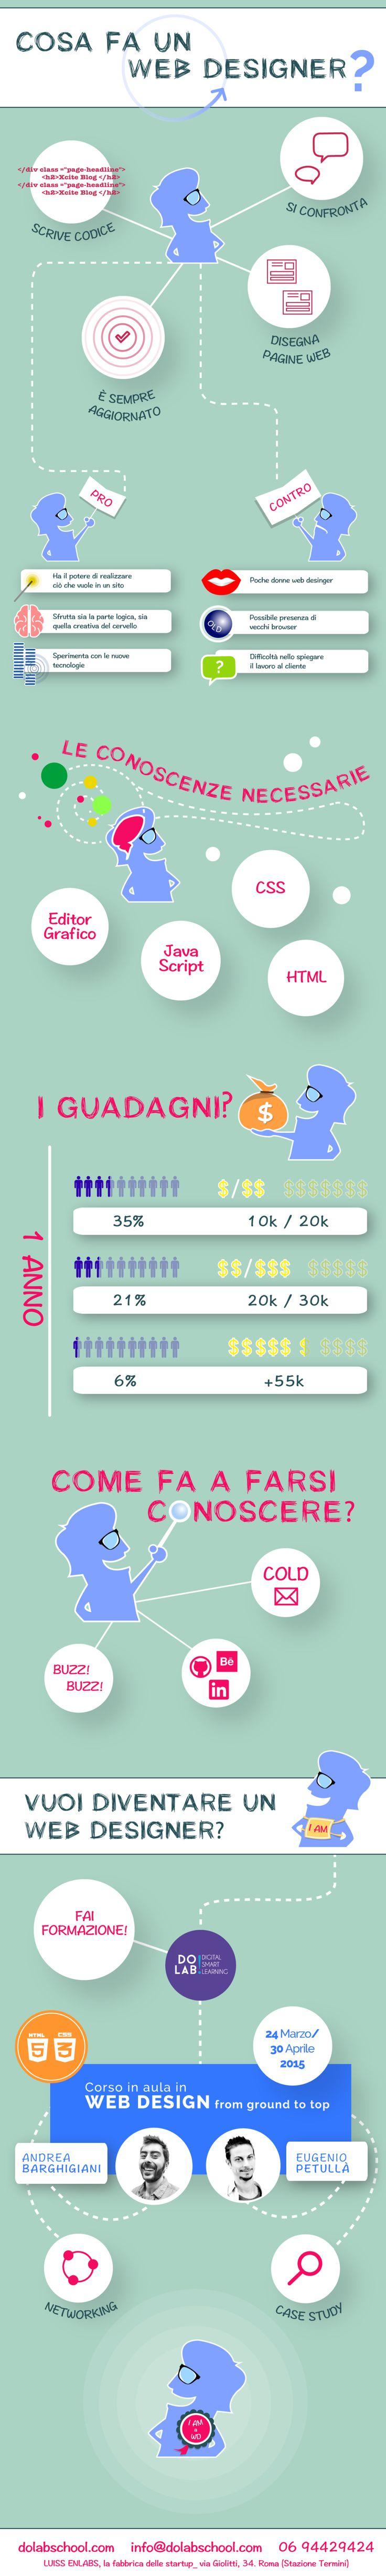 Ed ecco un'#infografica che ci permette di capire in un colpo solo come sia strutturata la carriera di un #WebDesigner!